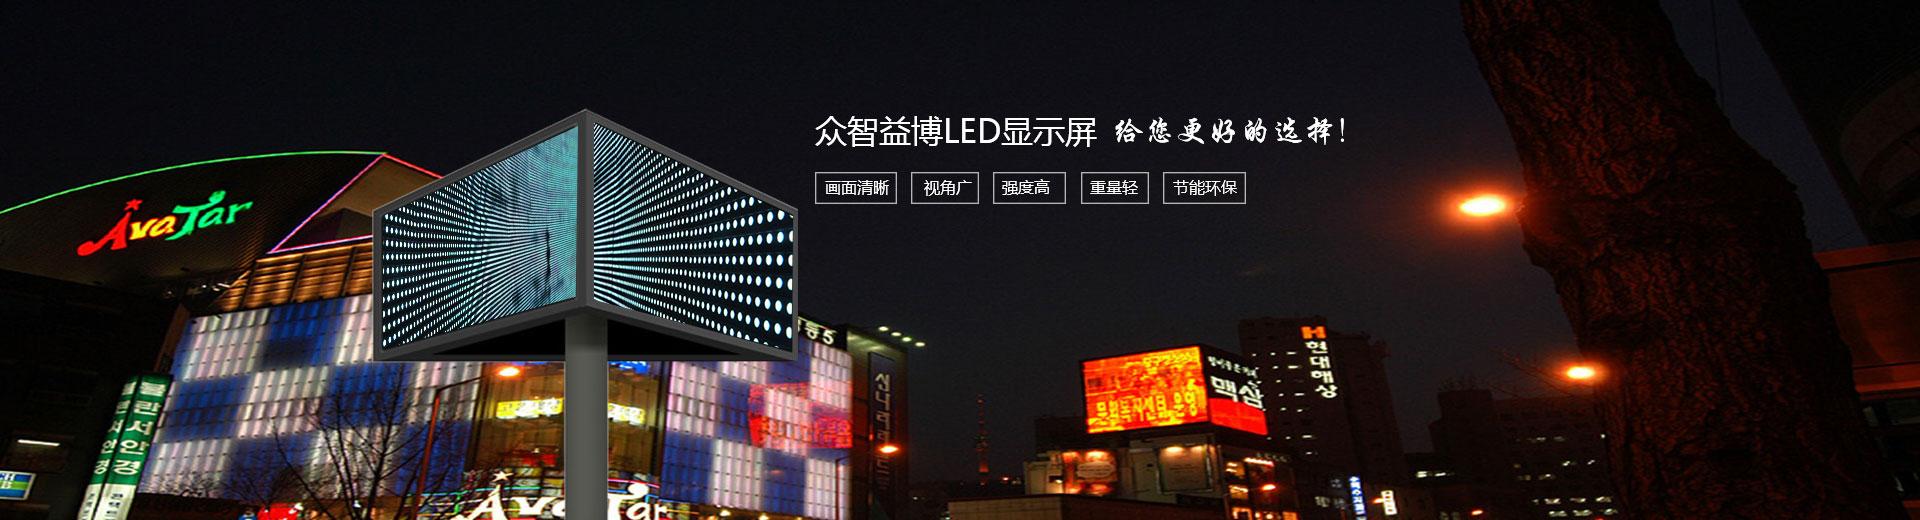 成都LED节能显示屏厂家